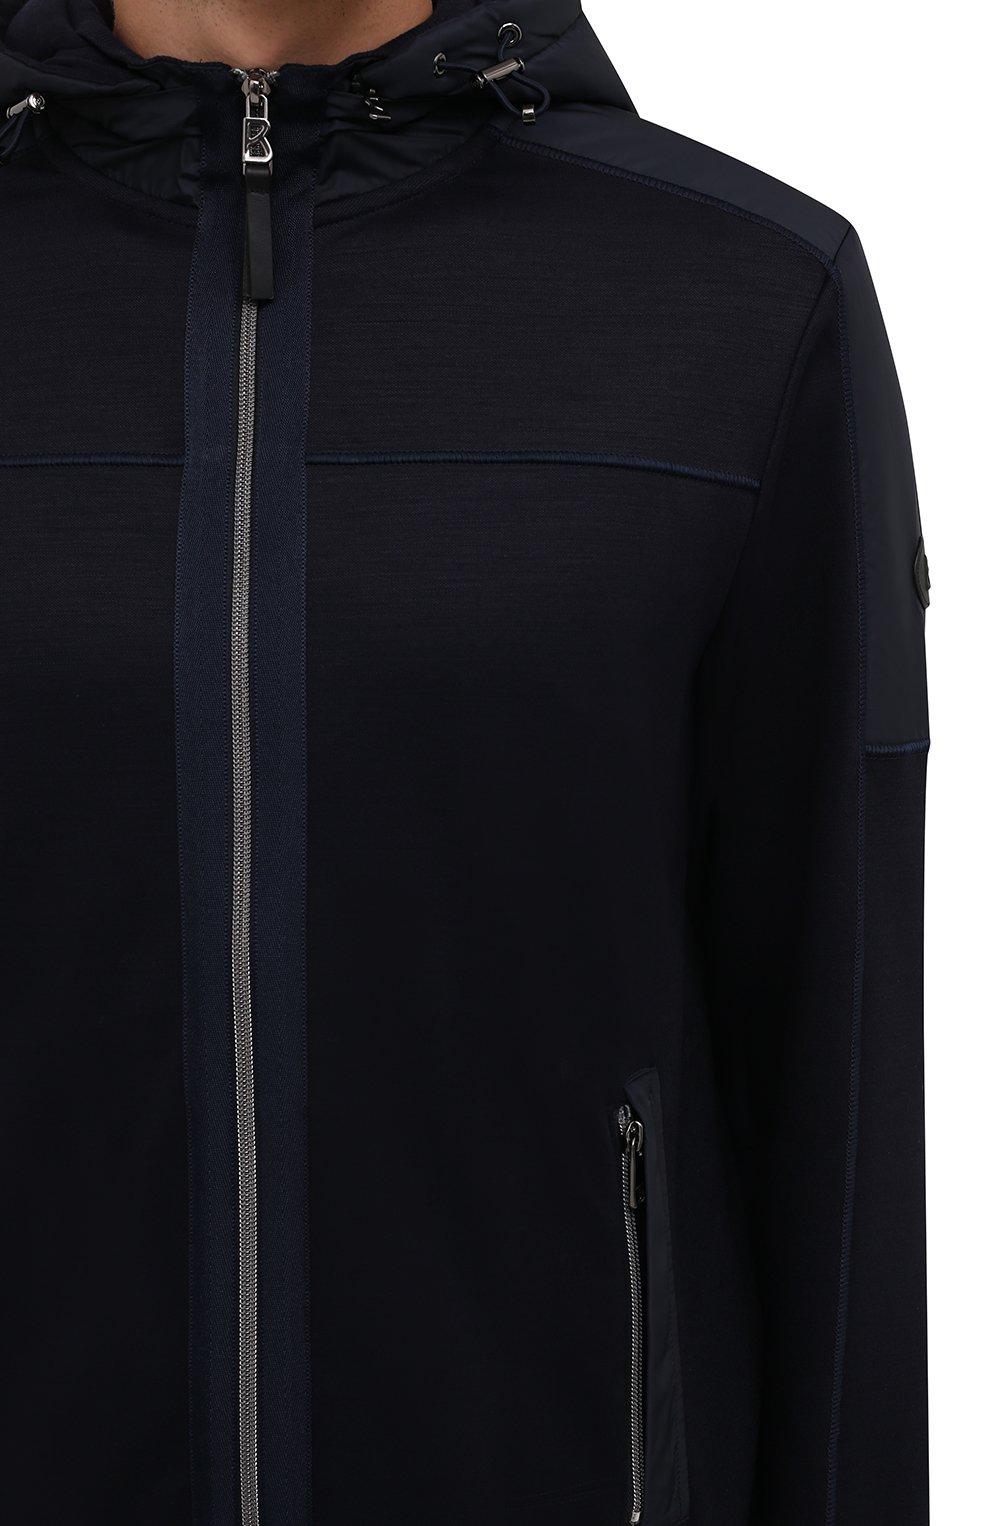 Мужской толстовка BOGNER темно-синего цвета, арт. 88046508   Фото 5 (Материал внешний: Шерсть, Синтетический материал; Рукава: Длинные; Мужское Кросс-КТ: Толстовка-одежда; Длина (для топов): Стандартные; Стили: Спорт-шик)